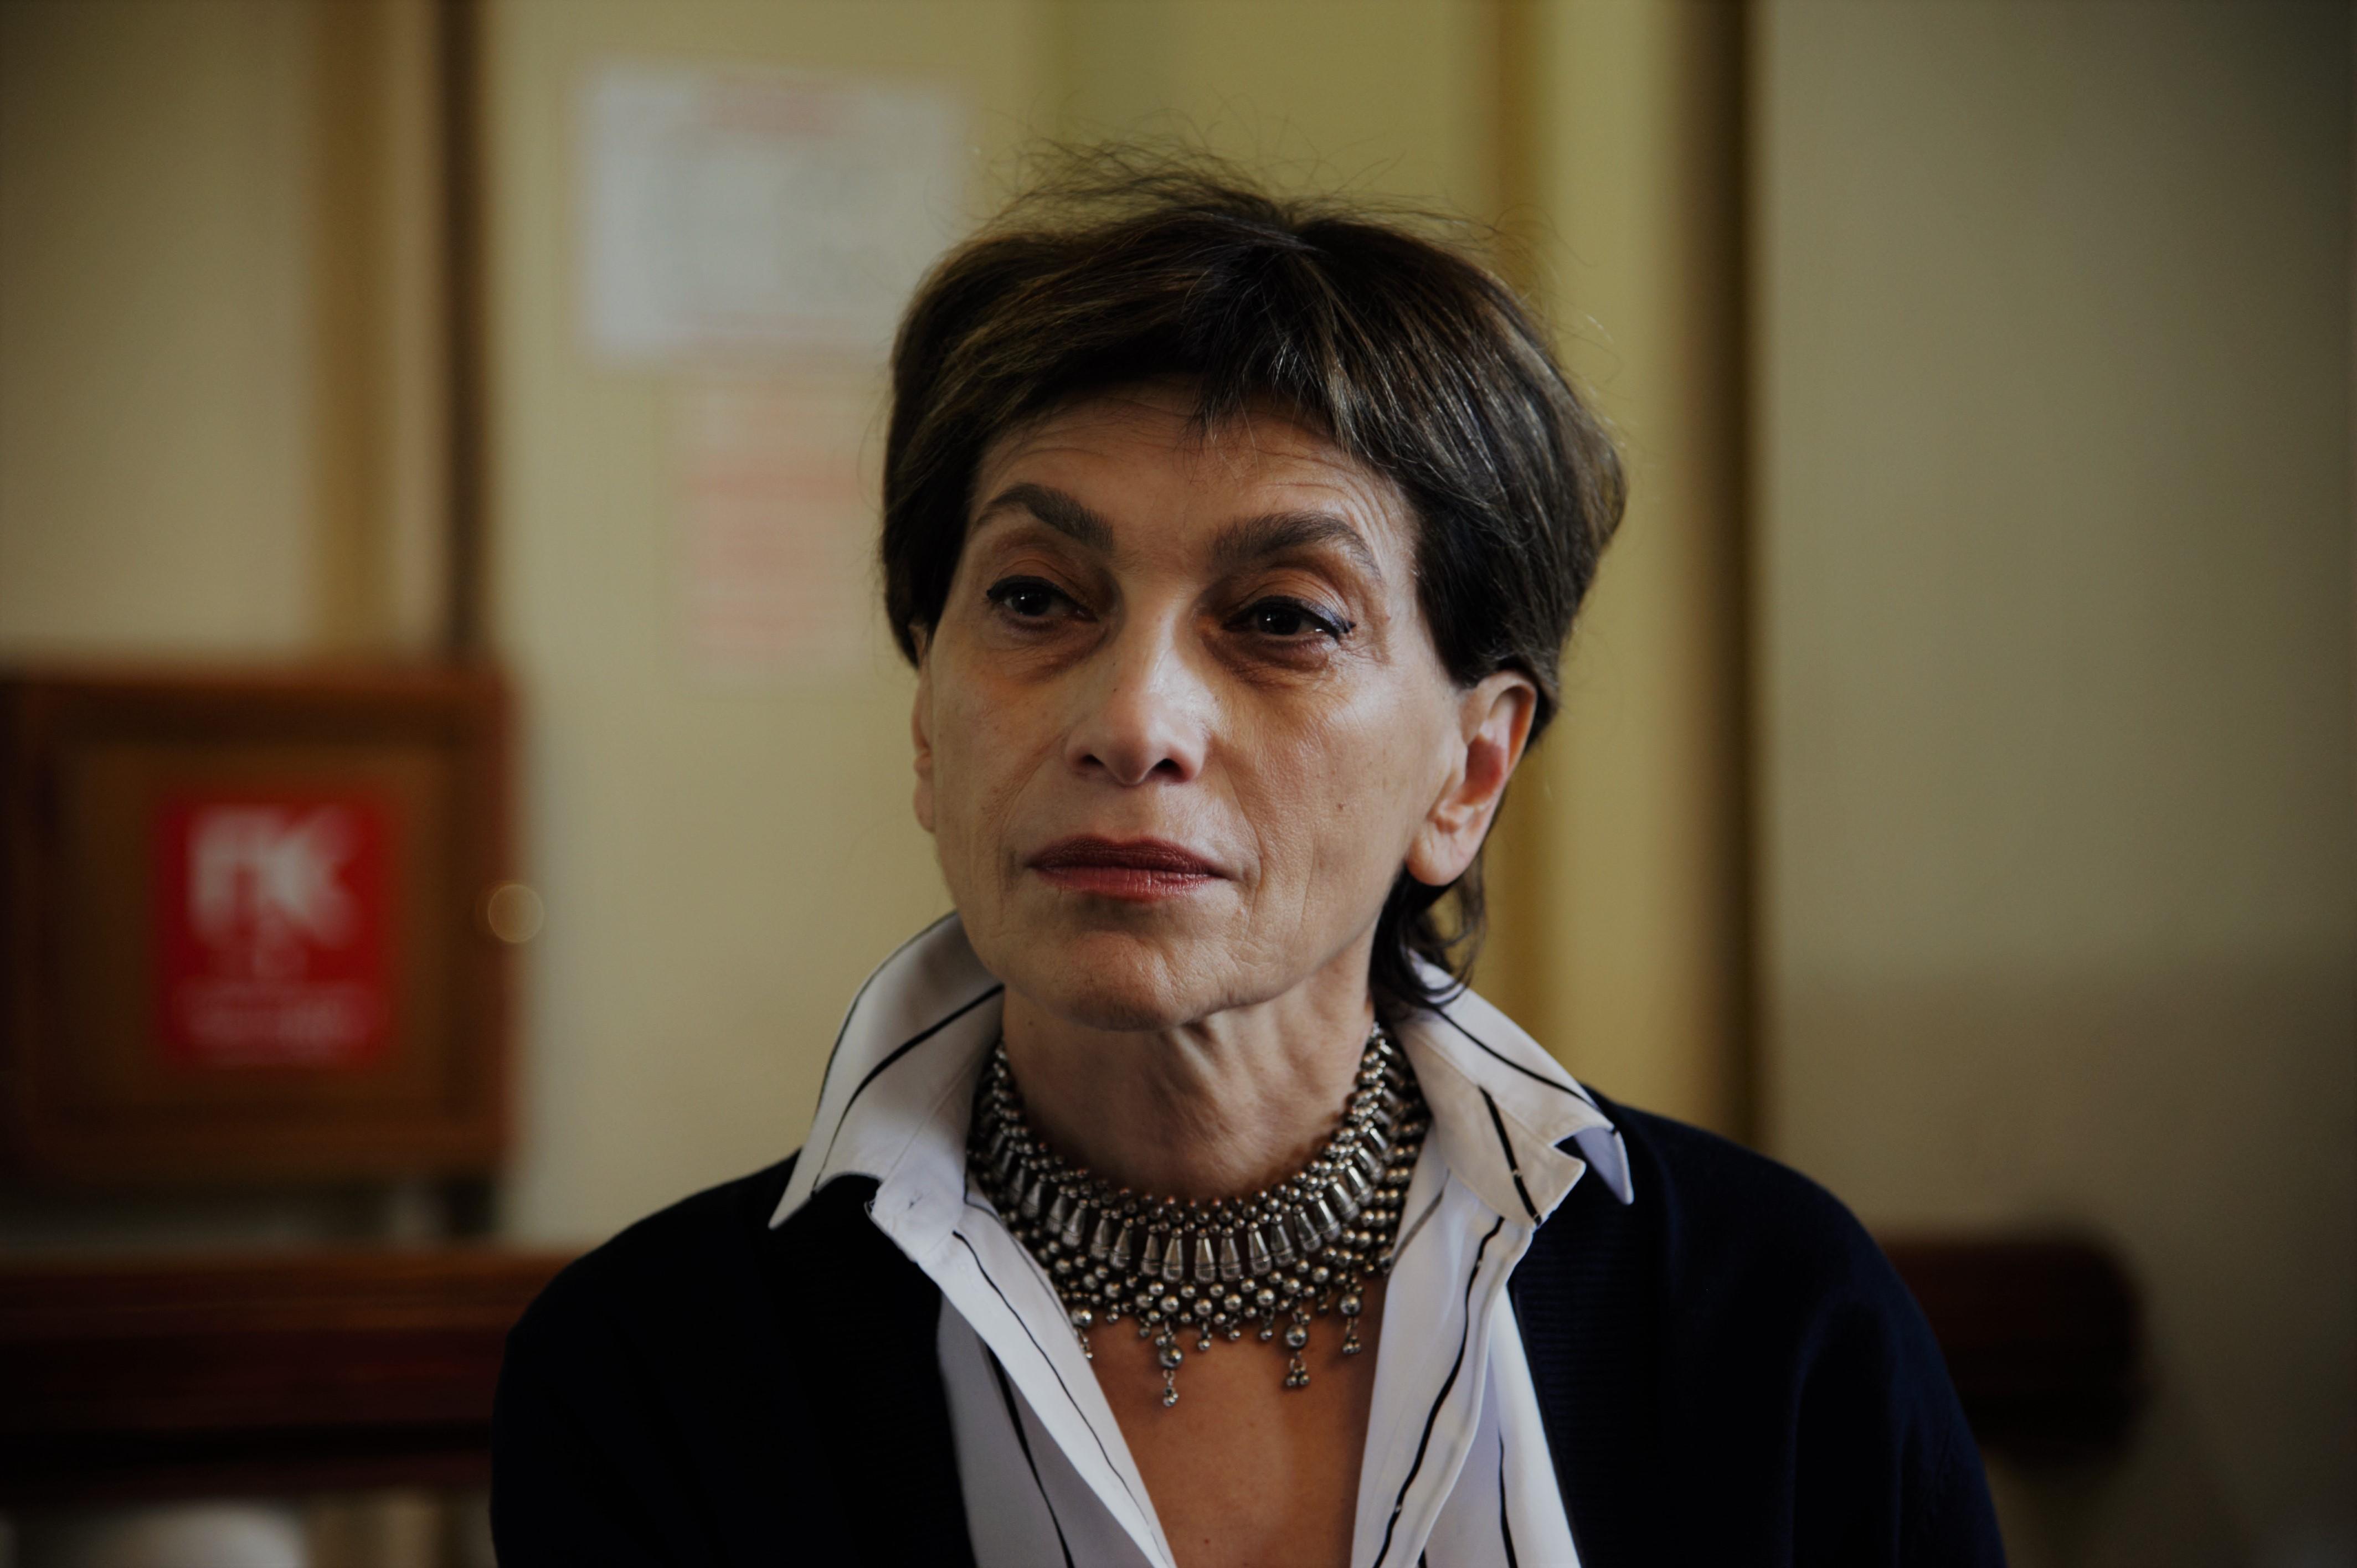 Режиссер байопика «Леся Українка. Узлісся» – о судьбе, сильных женщинах и конкуренции в кино